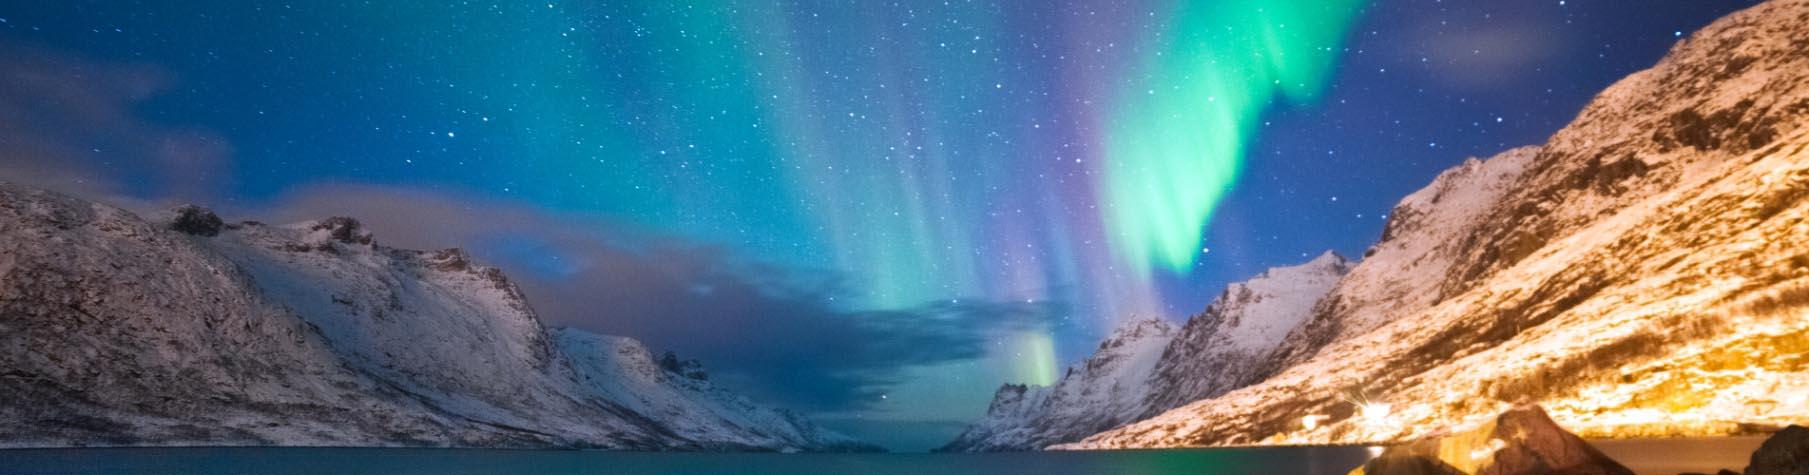 3 landen om het magische noorderlicht te zien